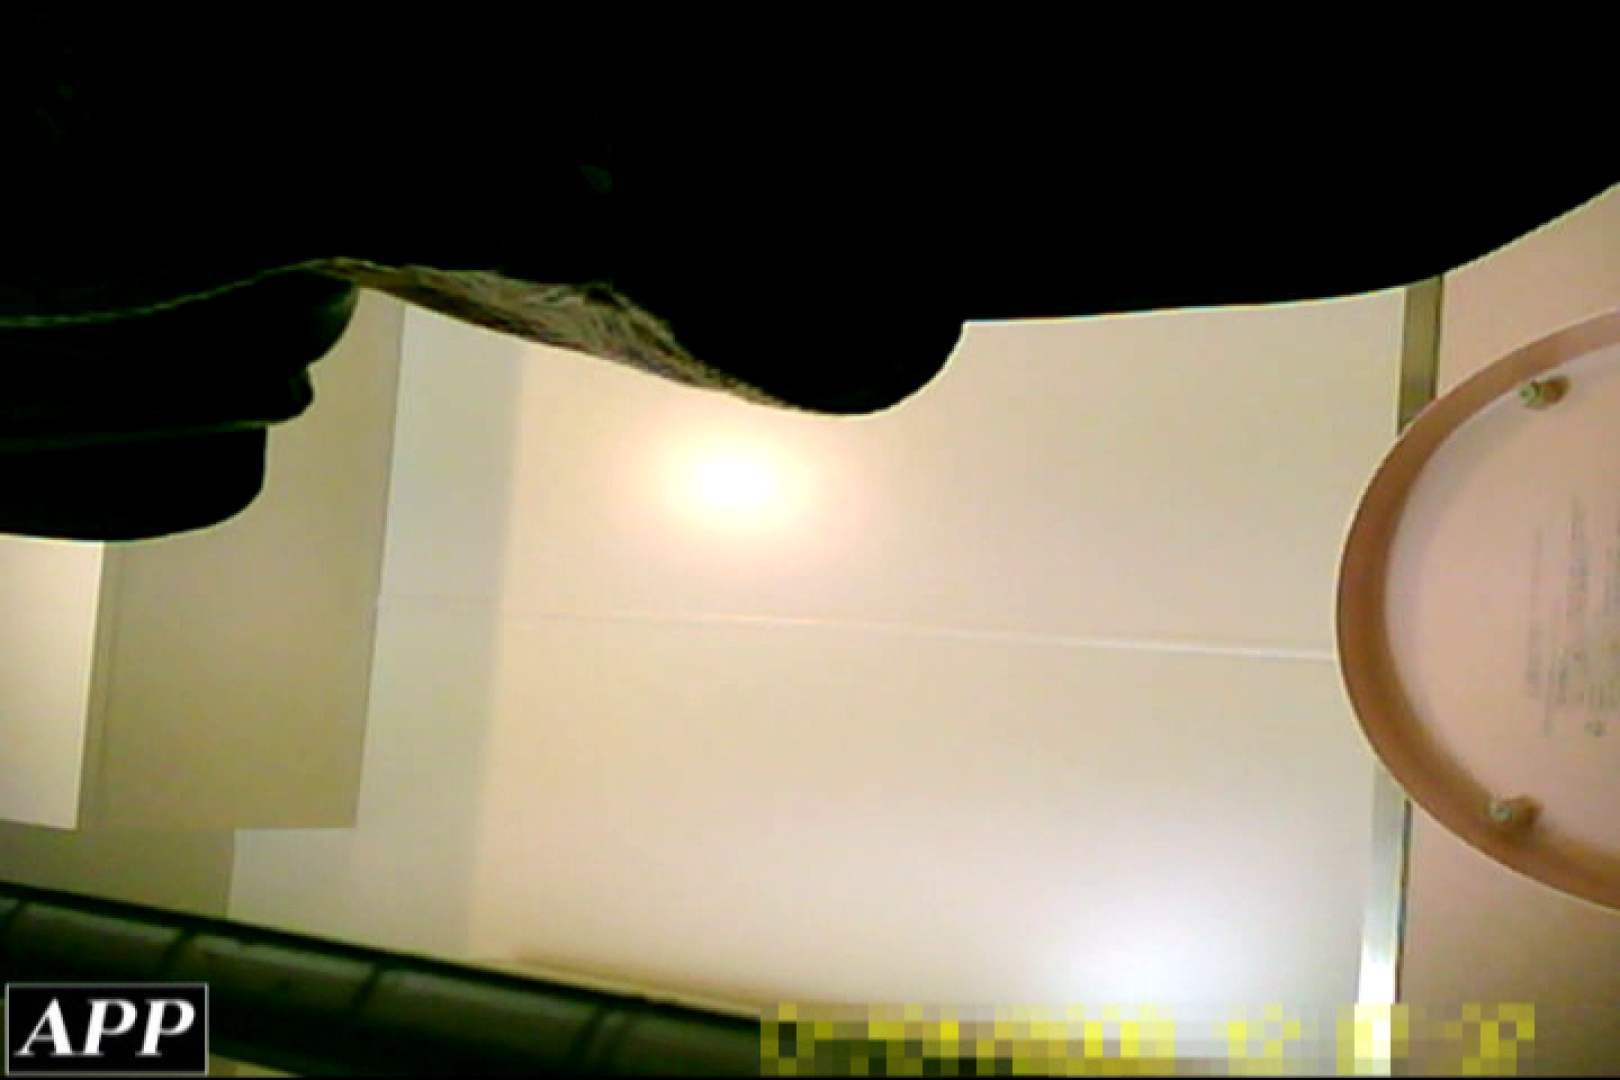 3視点洗面所 vol.08 洗面所 | オマンコ大好き  108画像 85